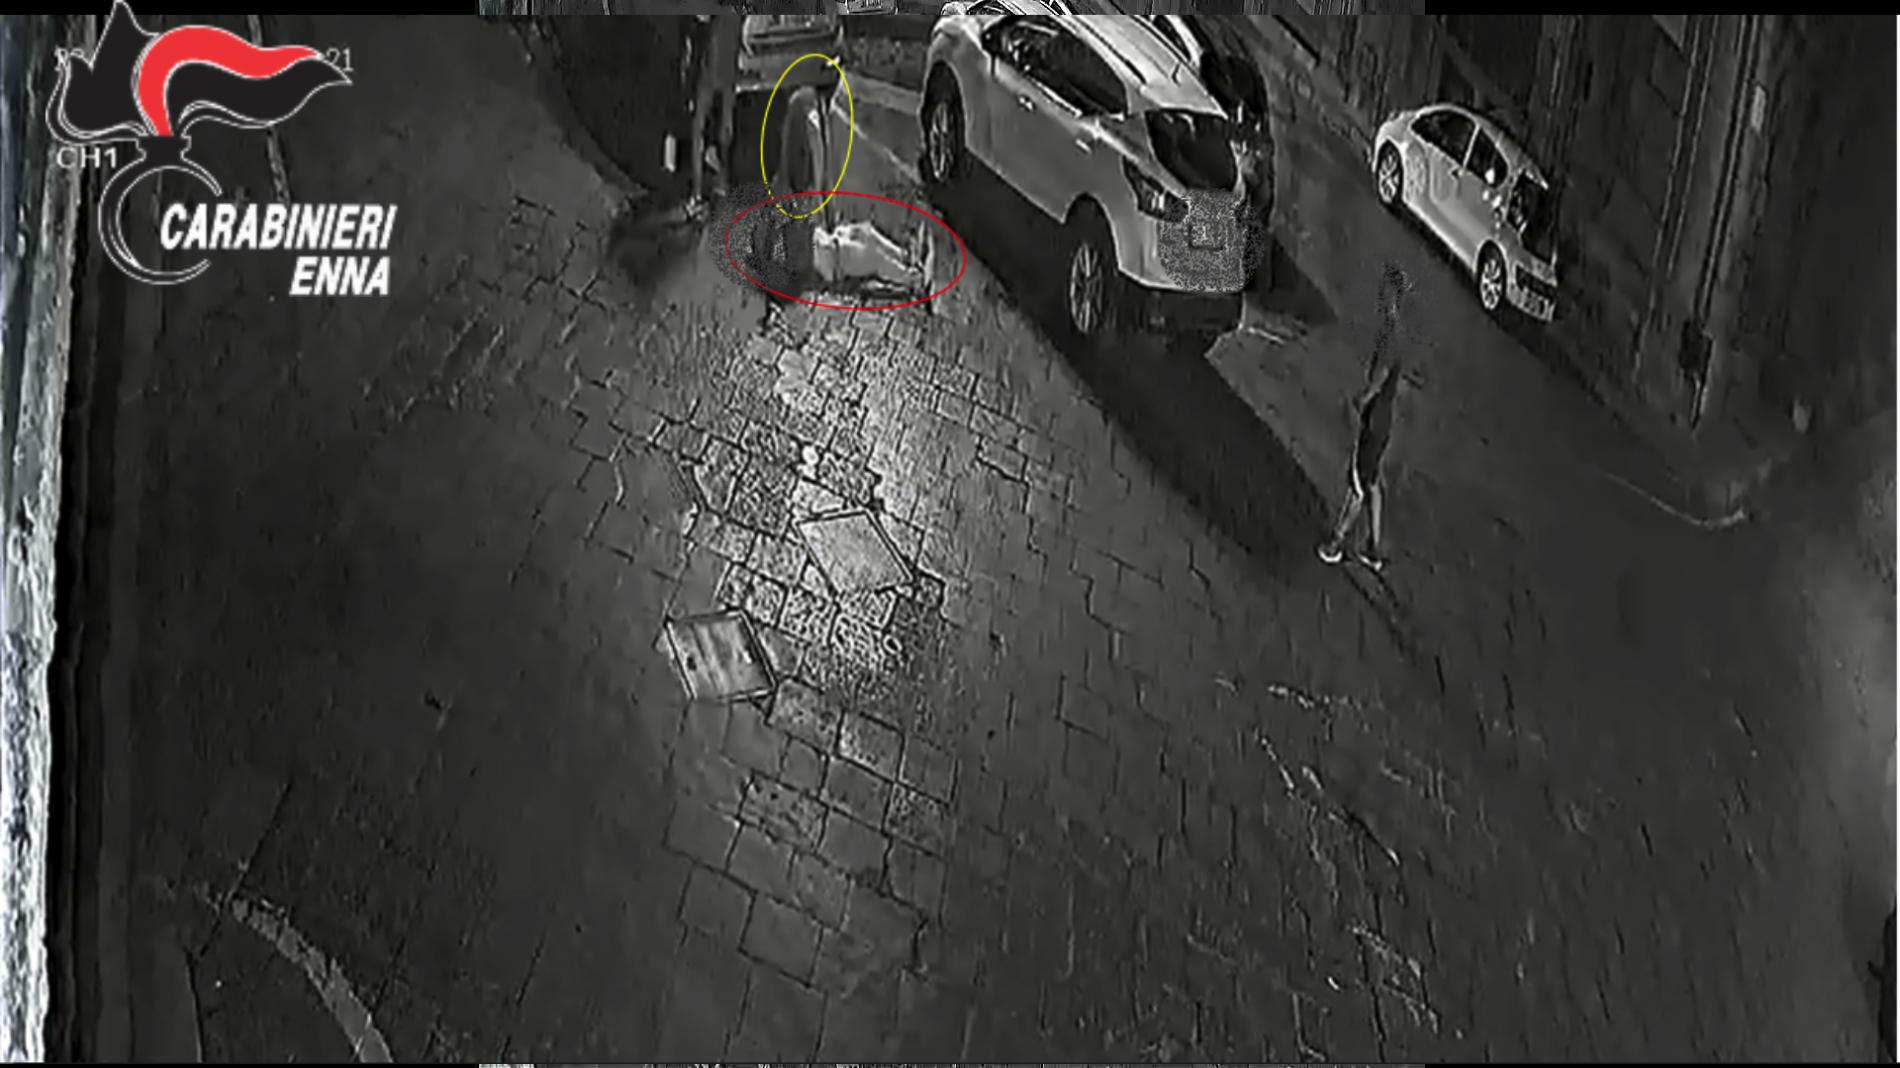 PIAZZA ARMERINA. Arresti domiciliari ed obbligo di presentazione alla polizia giudiziaria nei confronti di tre giovani locali accusati di aver partecipato ad una violenta rissa lo scorso 22 agosto in pieno centro nella città dei mosaici.